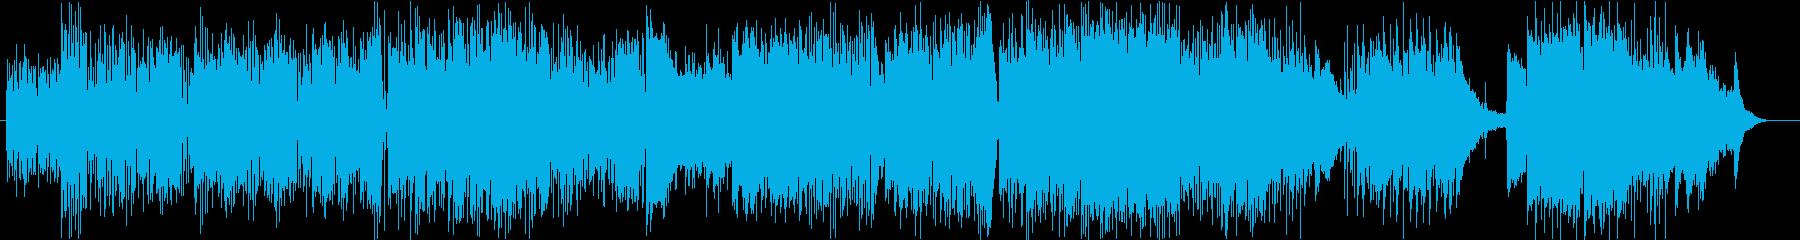 スウィングロックのようなアップビートの再生済みの波形